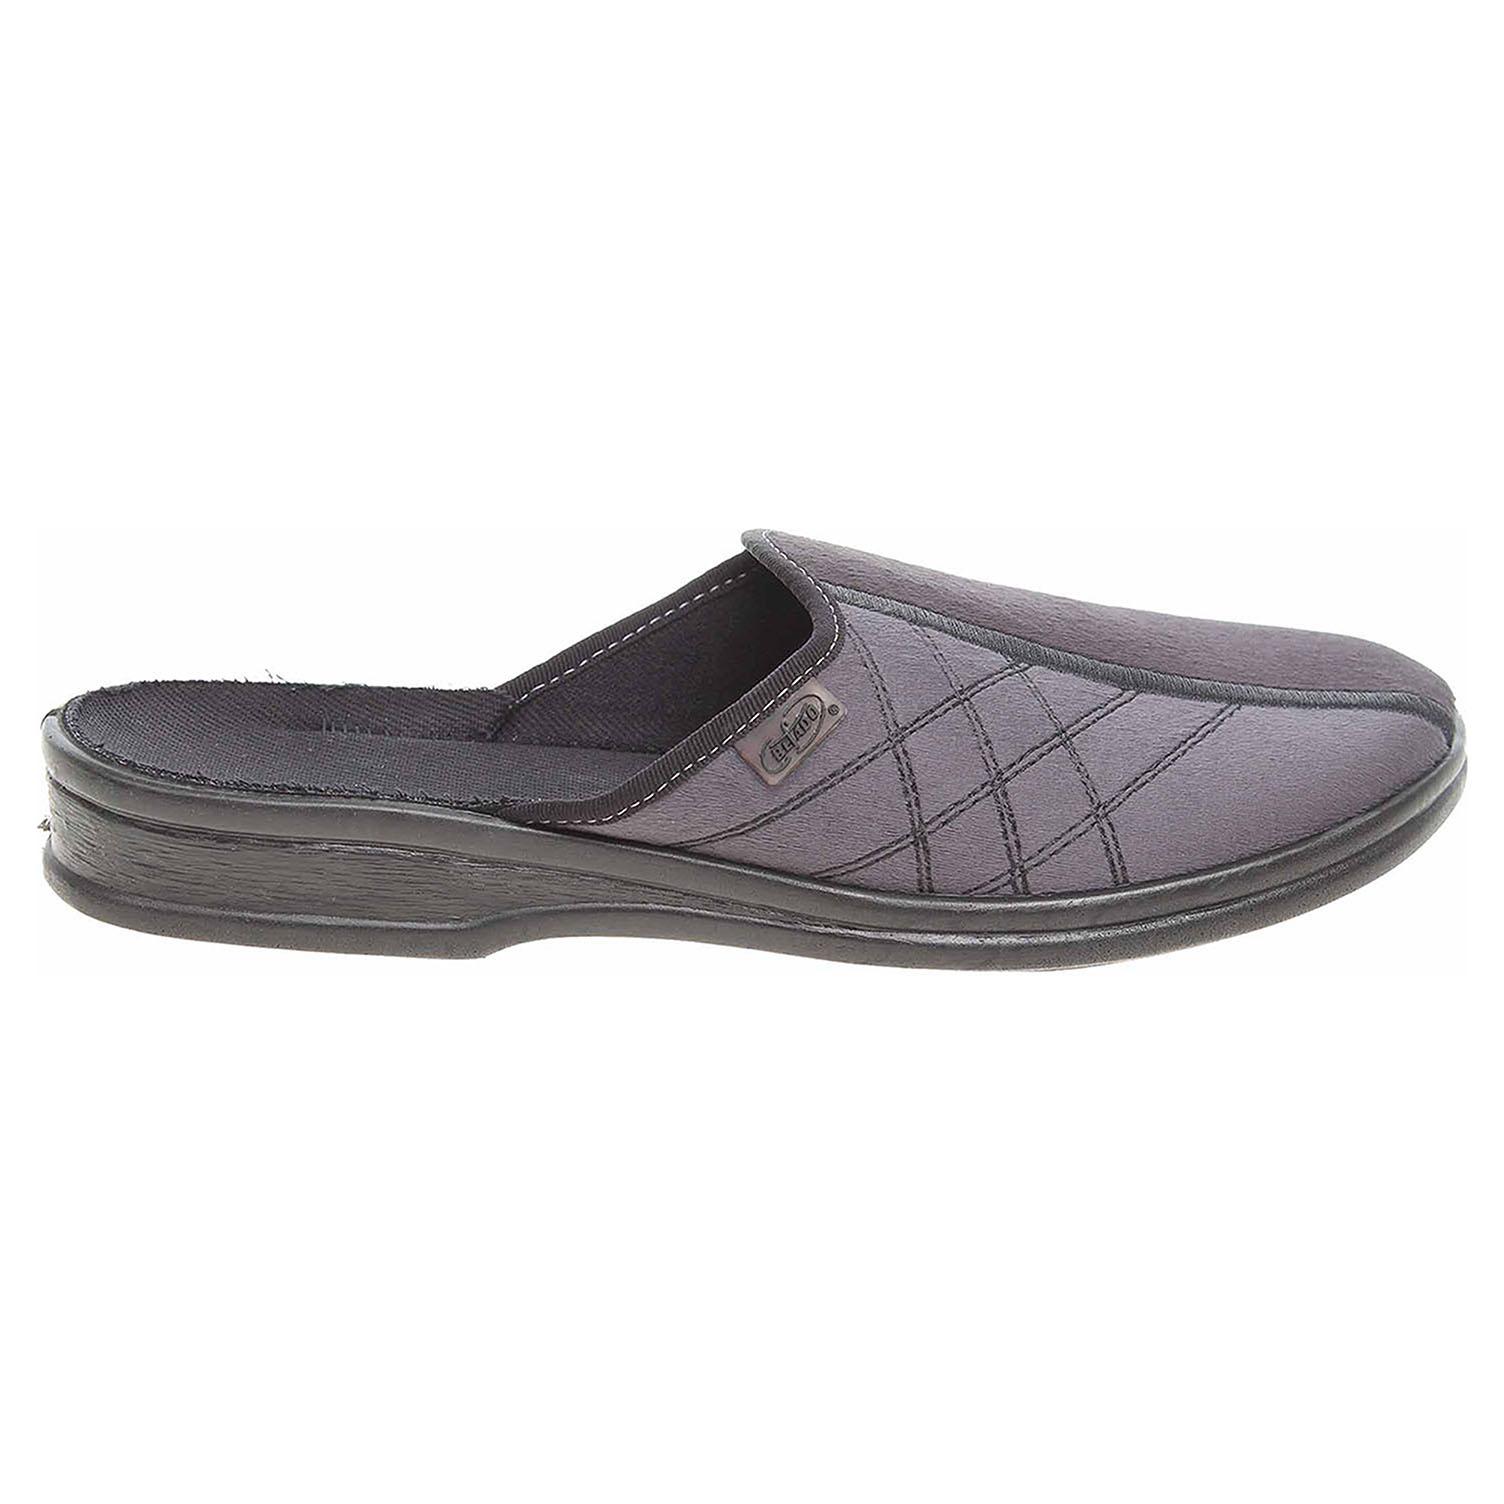 Befado domácí pantofle 093M015 černá-šedá 093M015 42